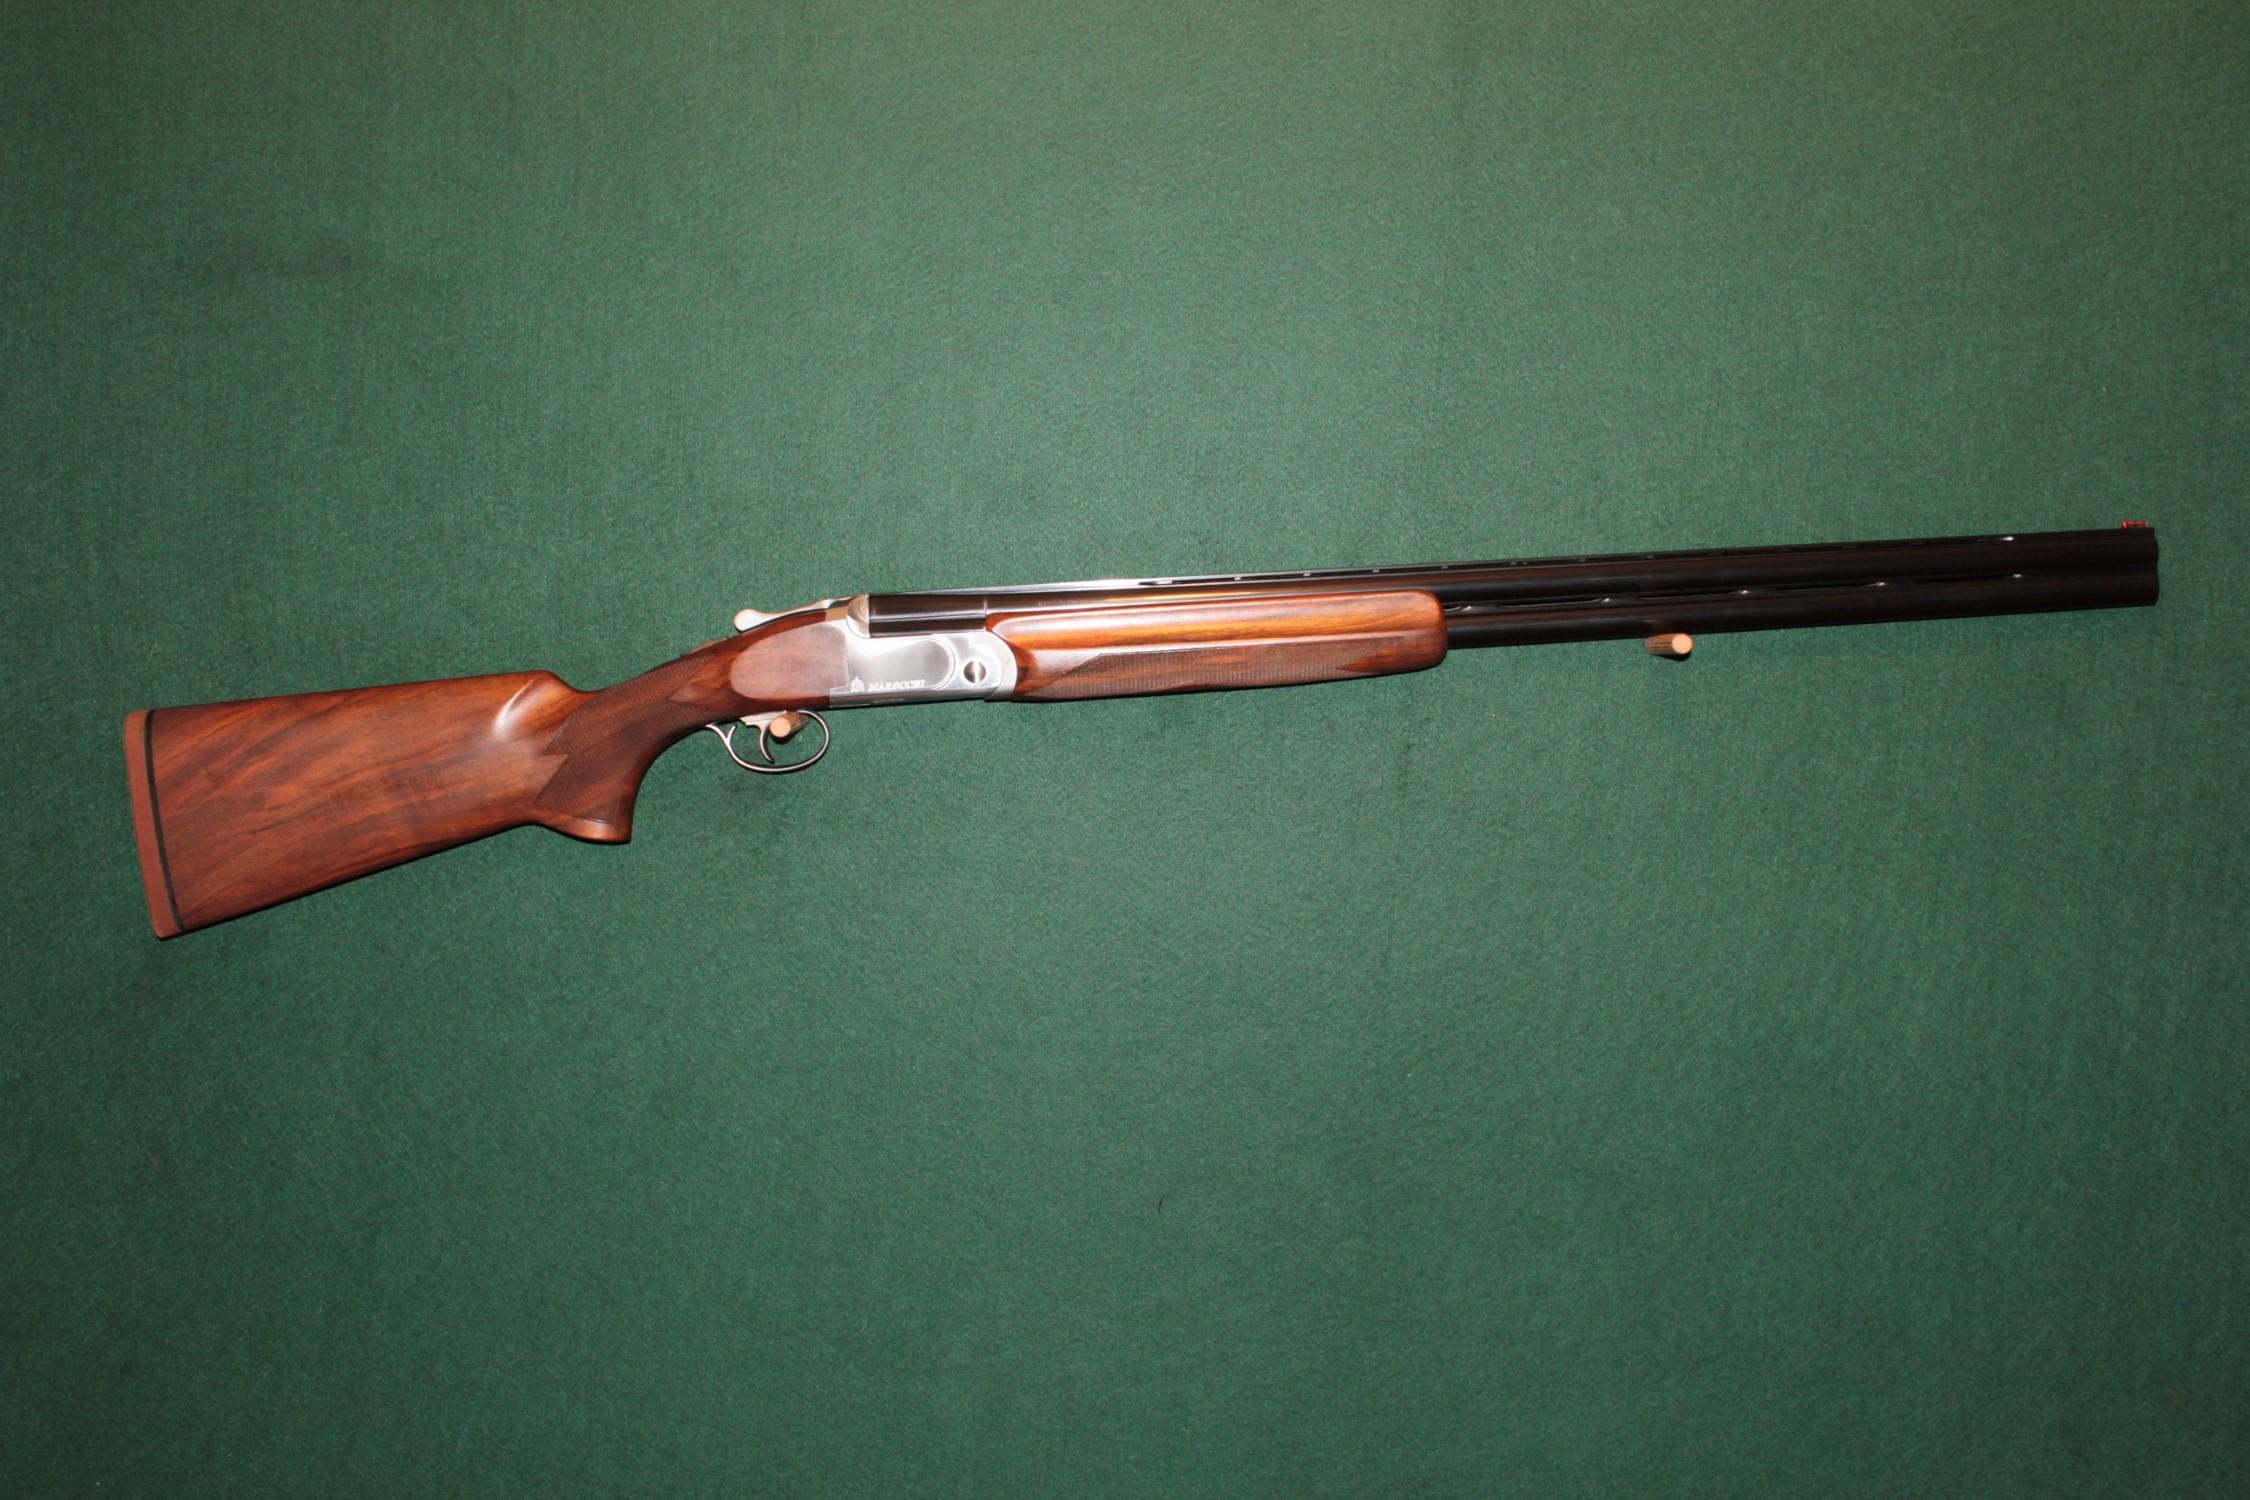 b8d12a0c4f Sovrapposto - marca MAROCCHI - modello 99 TRAP - calibro 12 - ARMI LUNGHE -  ARMI